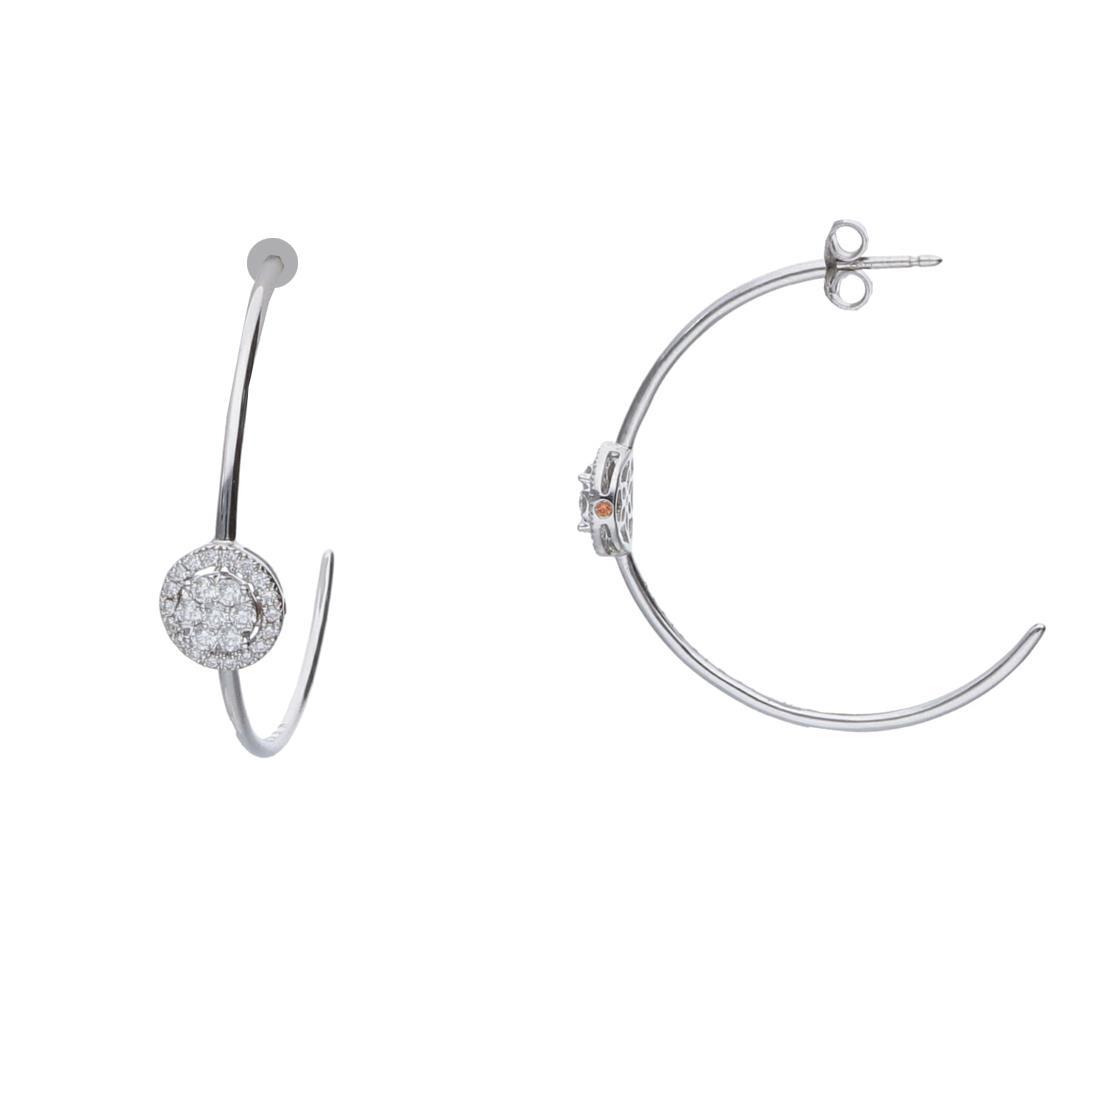 Orecchini a cerchio con diamanti  - ALFIERI & ST. JOHN